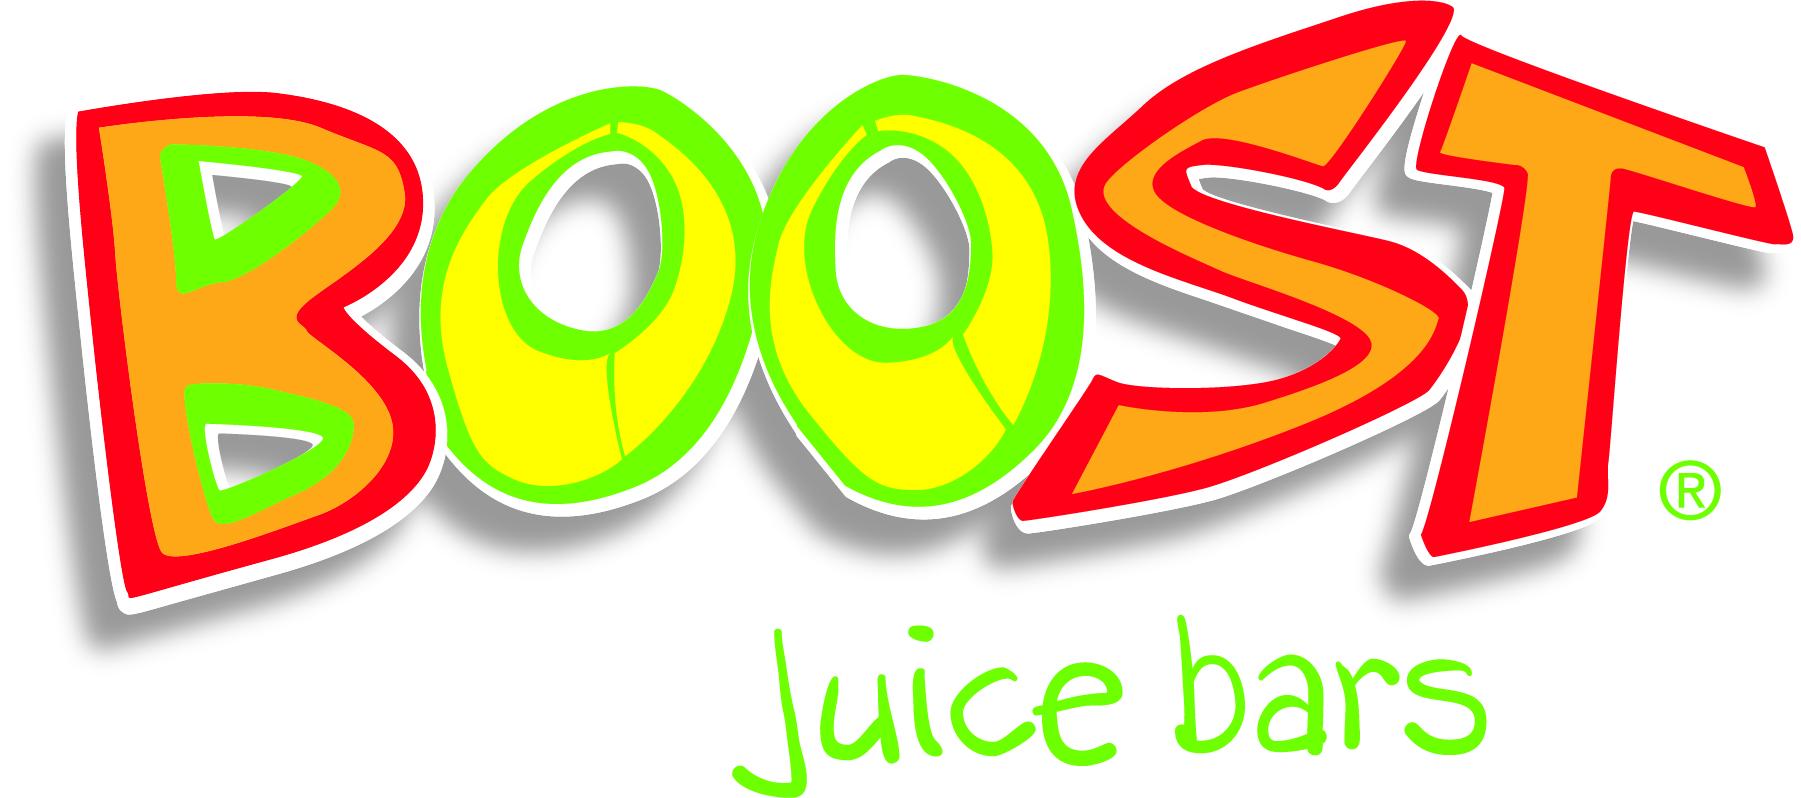 boost-juice-mobeel-opportunity-4